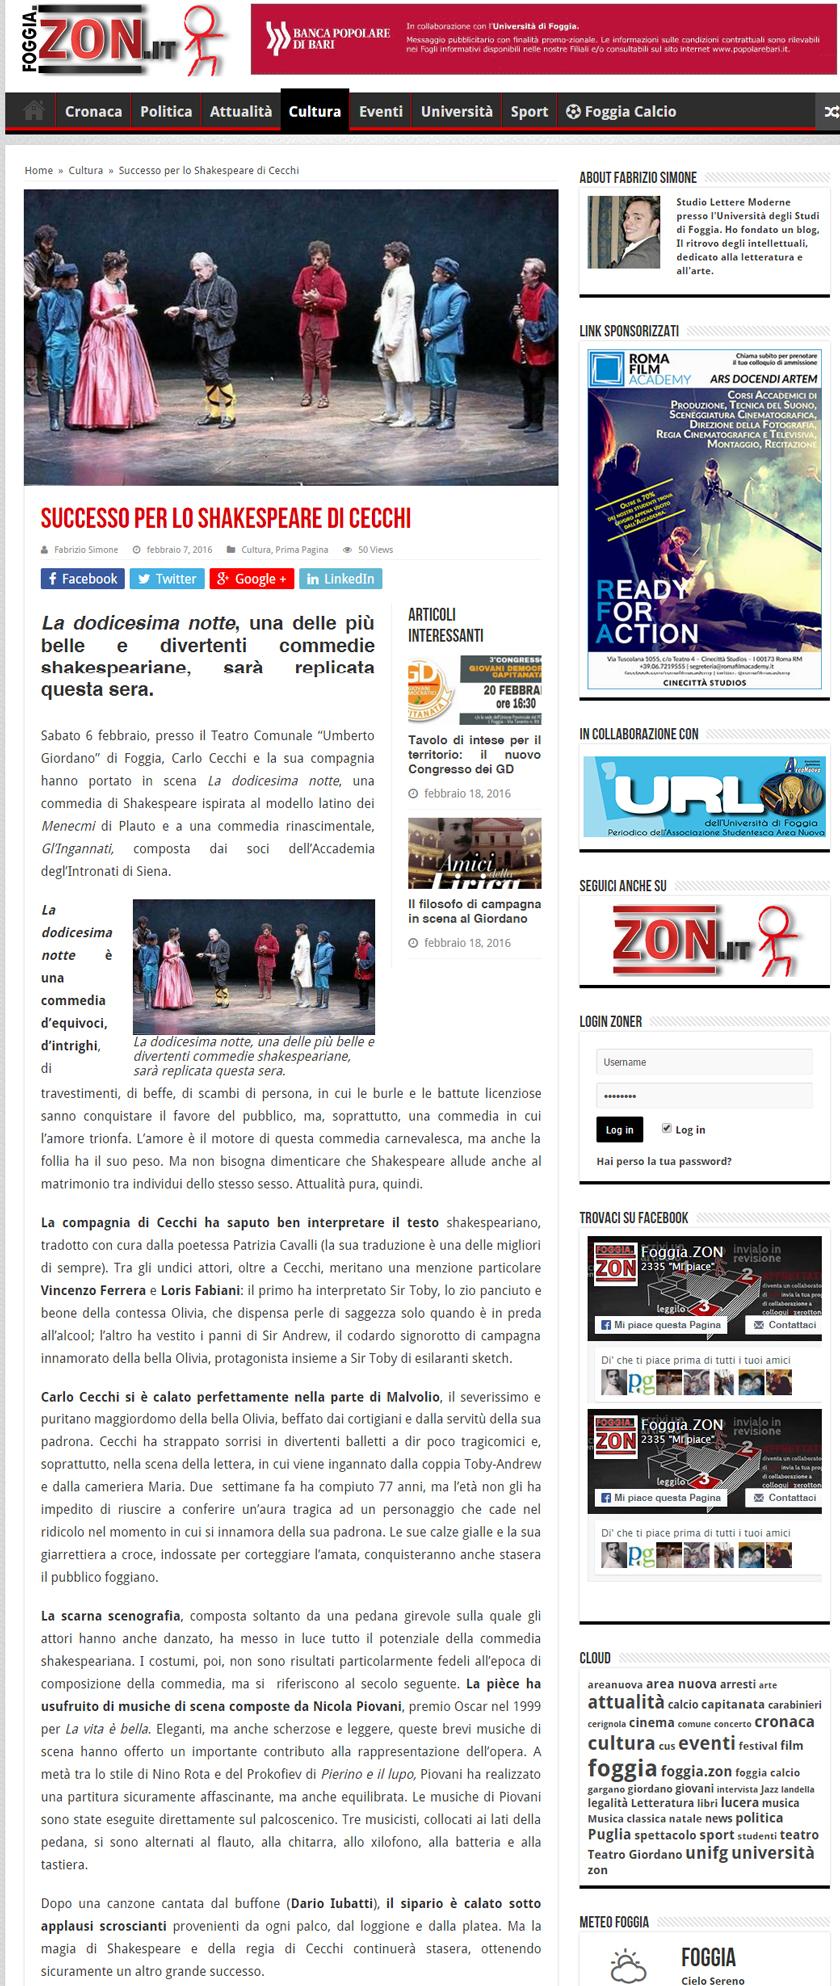 2016.02.07-Successo-per-lo-Shakespeare-di-Cecchi---foggia.zon.it